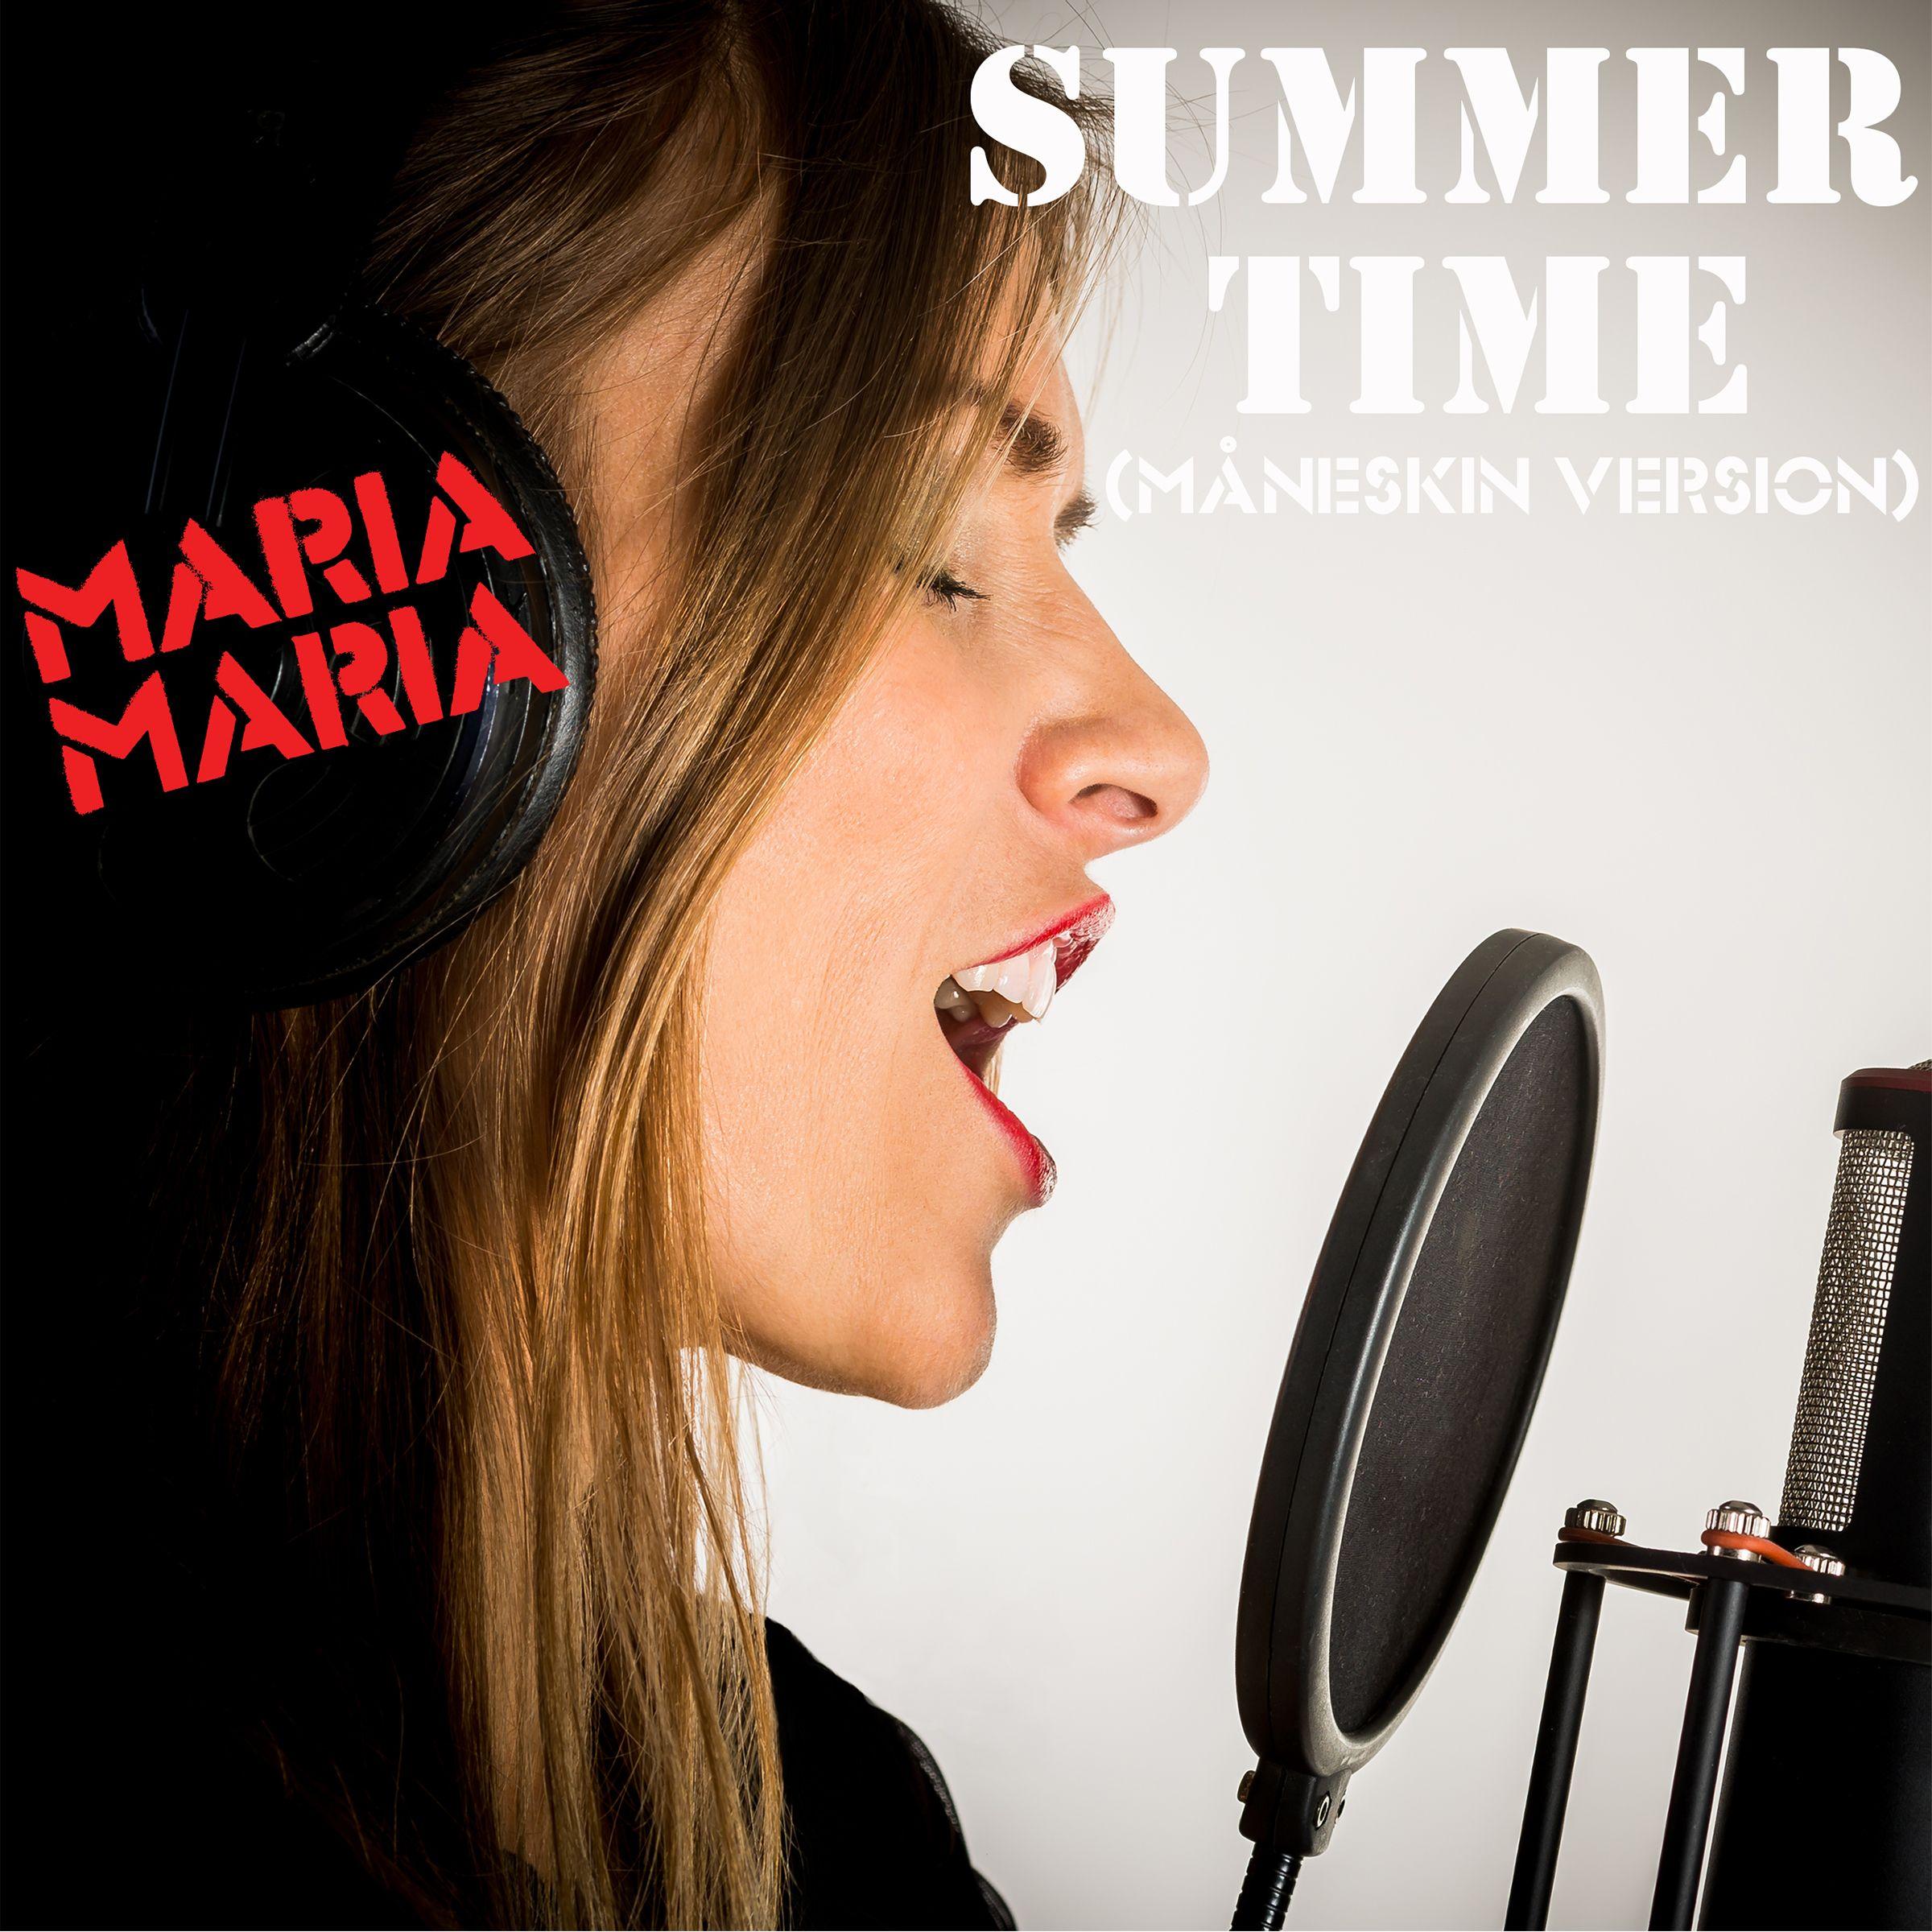 """SINGLERELEASE 25/6 :  """"SUMMERTIME (Måneskin Version)"""" m MARIA MARIA FIND SANGEN HER: https://itunes.apple.com/.../summertime.../id1011757048 Spotify: https://play.spotify.com/album/0xIox10YqDVfxcyjAshgXZ #music #summerhit #summertime #radio #hit"""